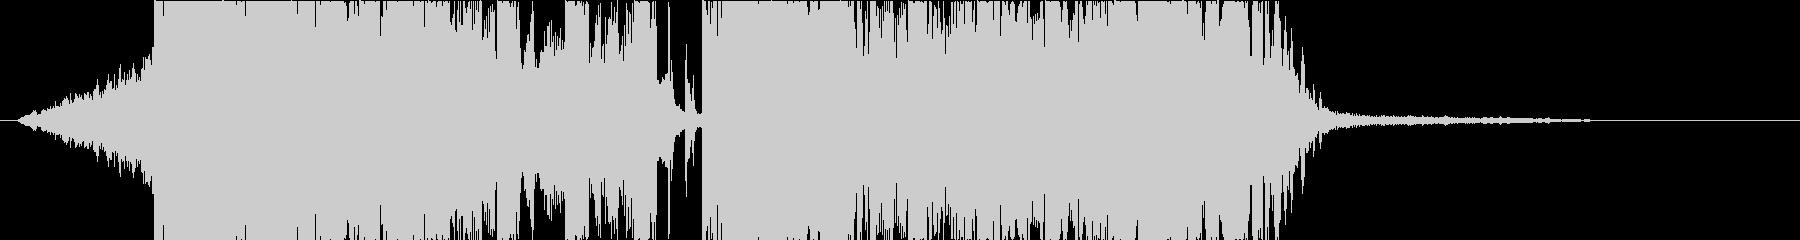 DUBSTEP クール ジングル166の未再生の波形